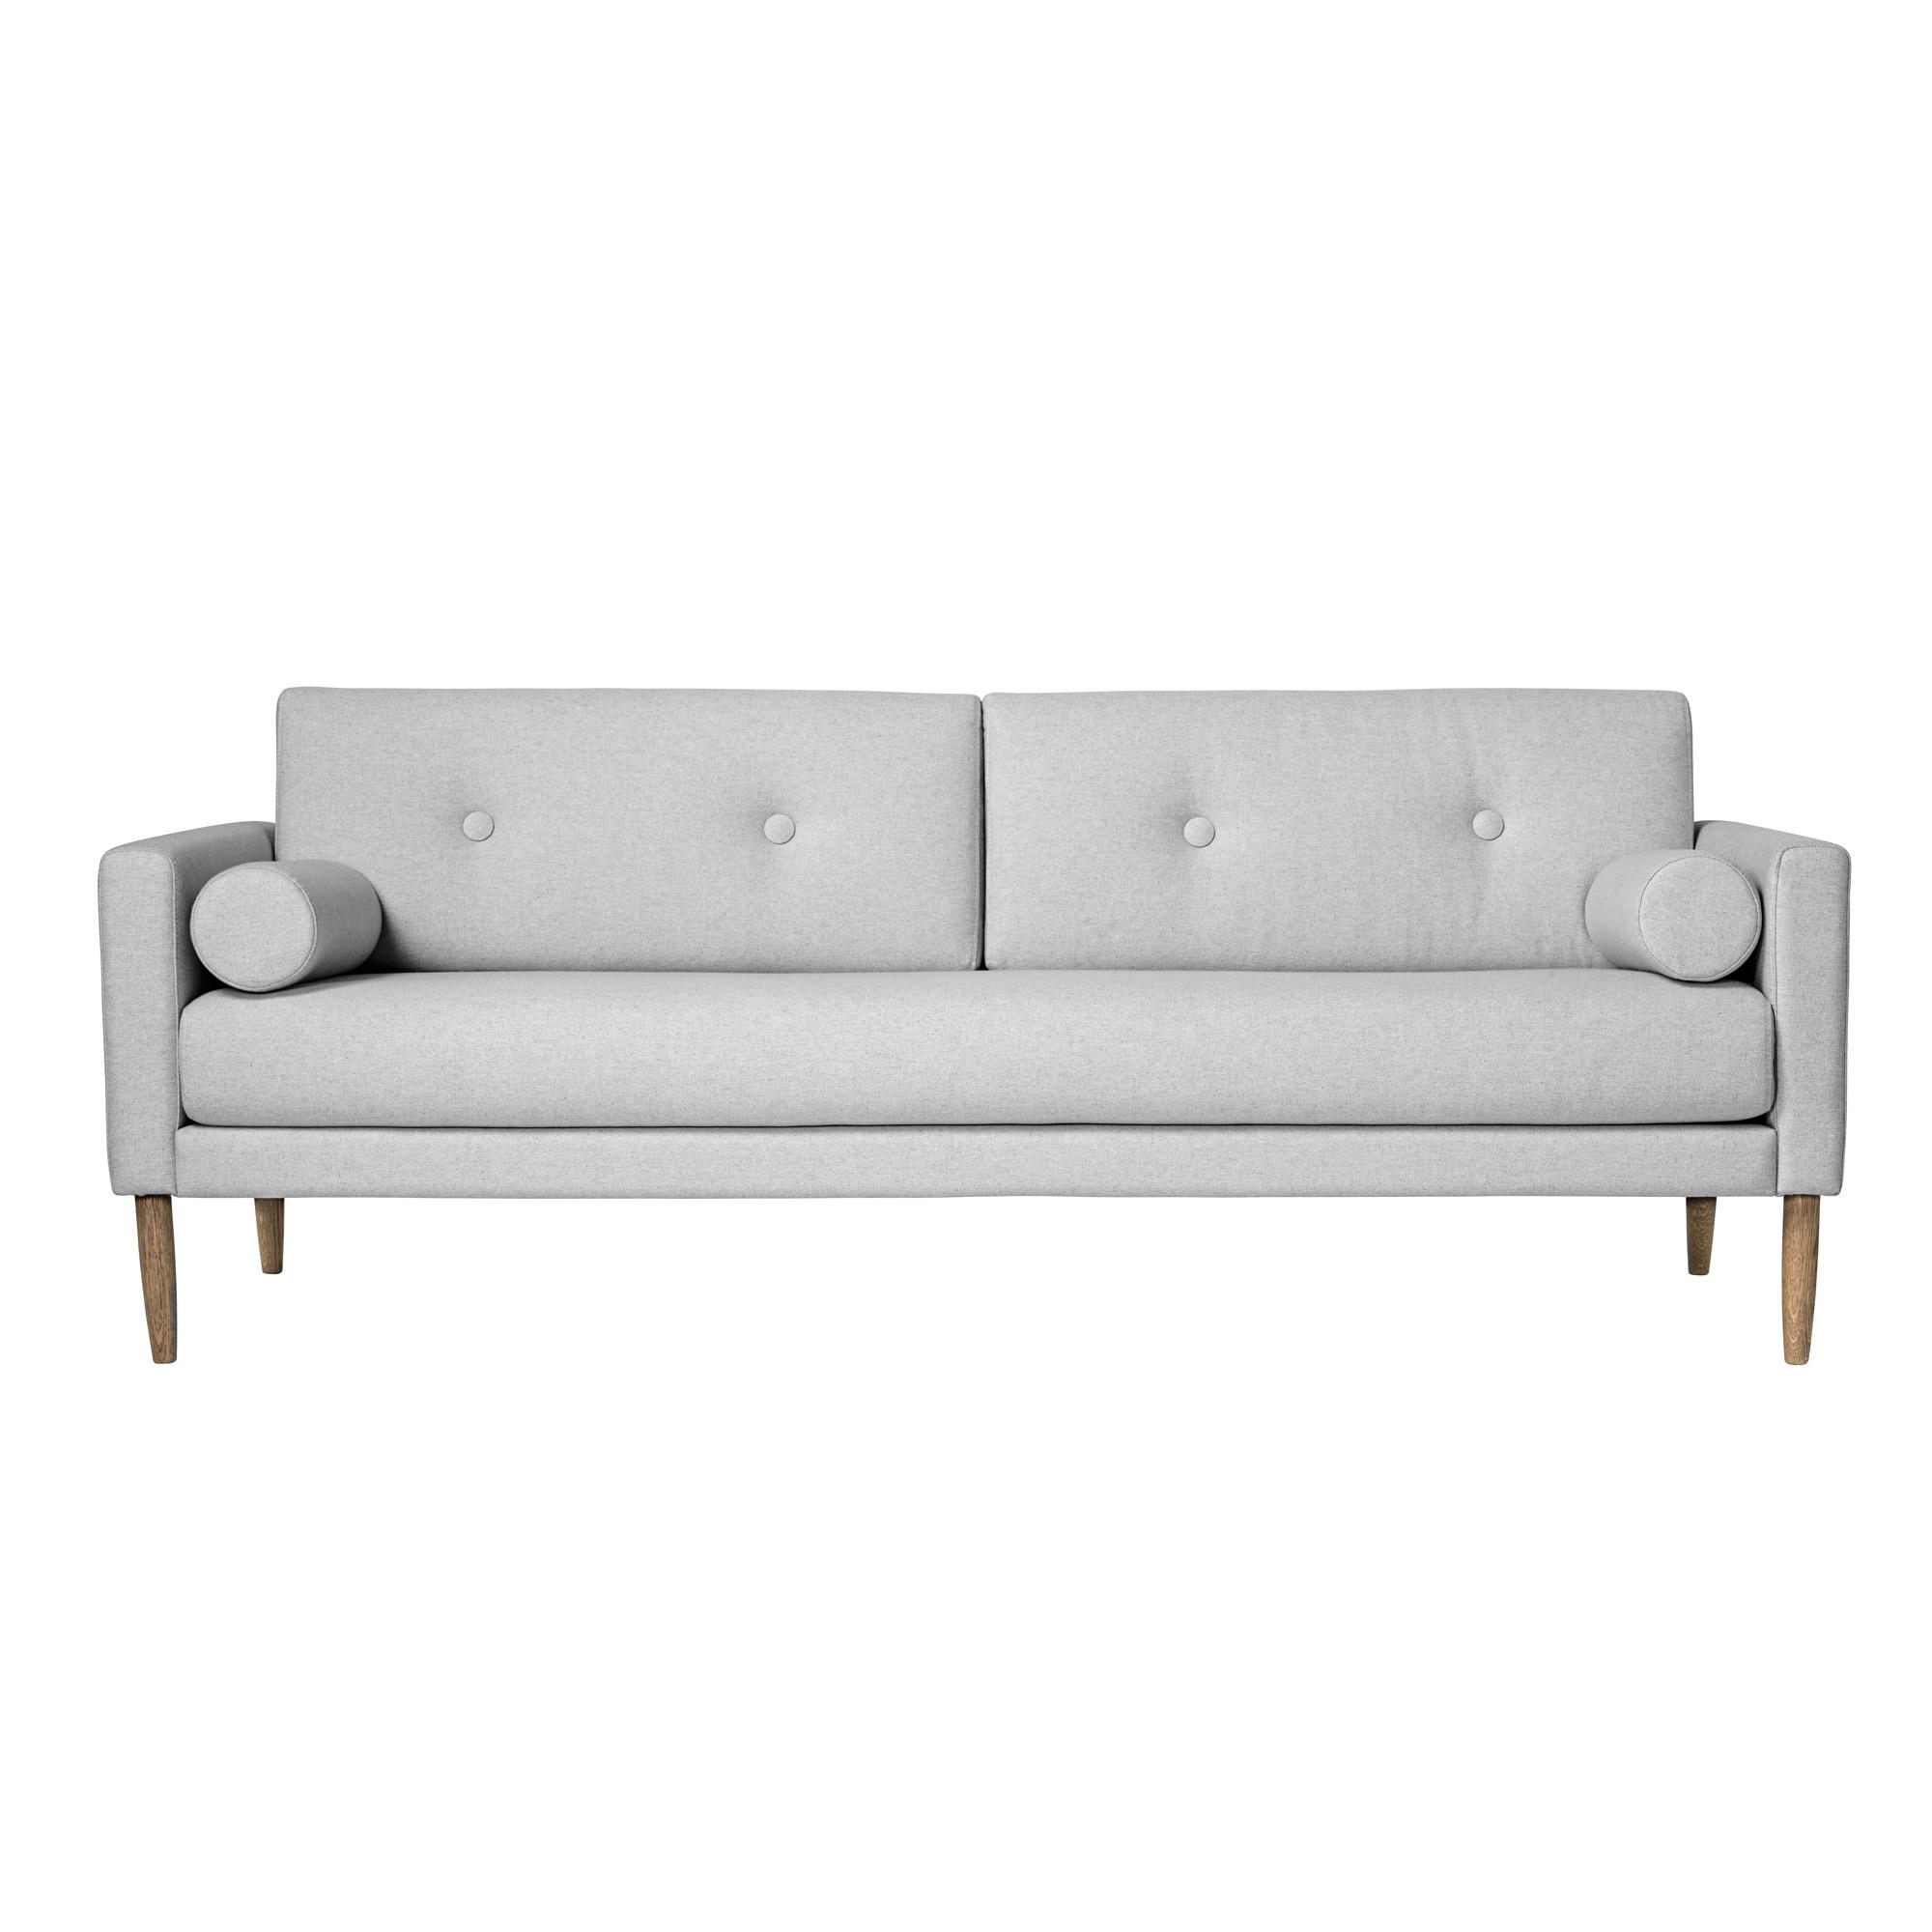 Диван CalmДвухместные диваны<br>Прямые линии и простая форма - выигрышный дизайн дивана CALM.<br><br>Material: Текстиль<br>Ширина см: 202<br>Высота см: 78<br>Глубина см: 82